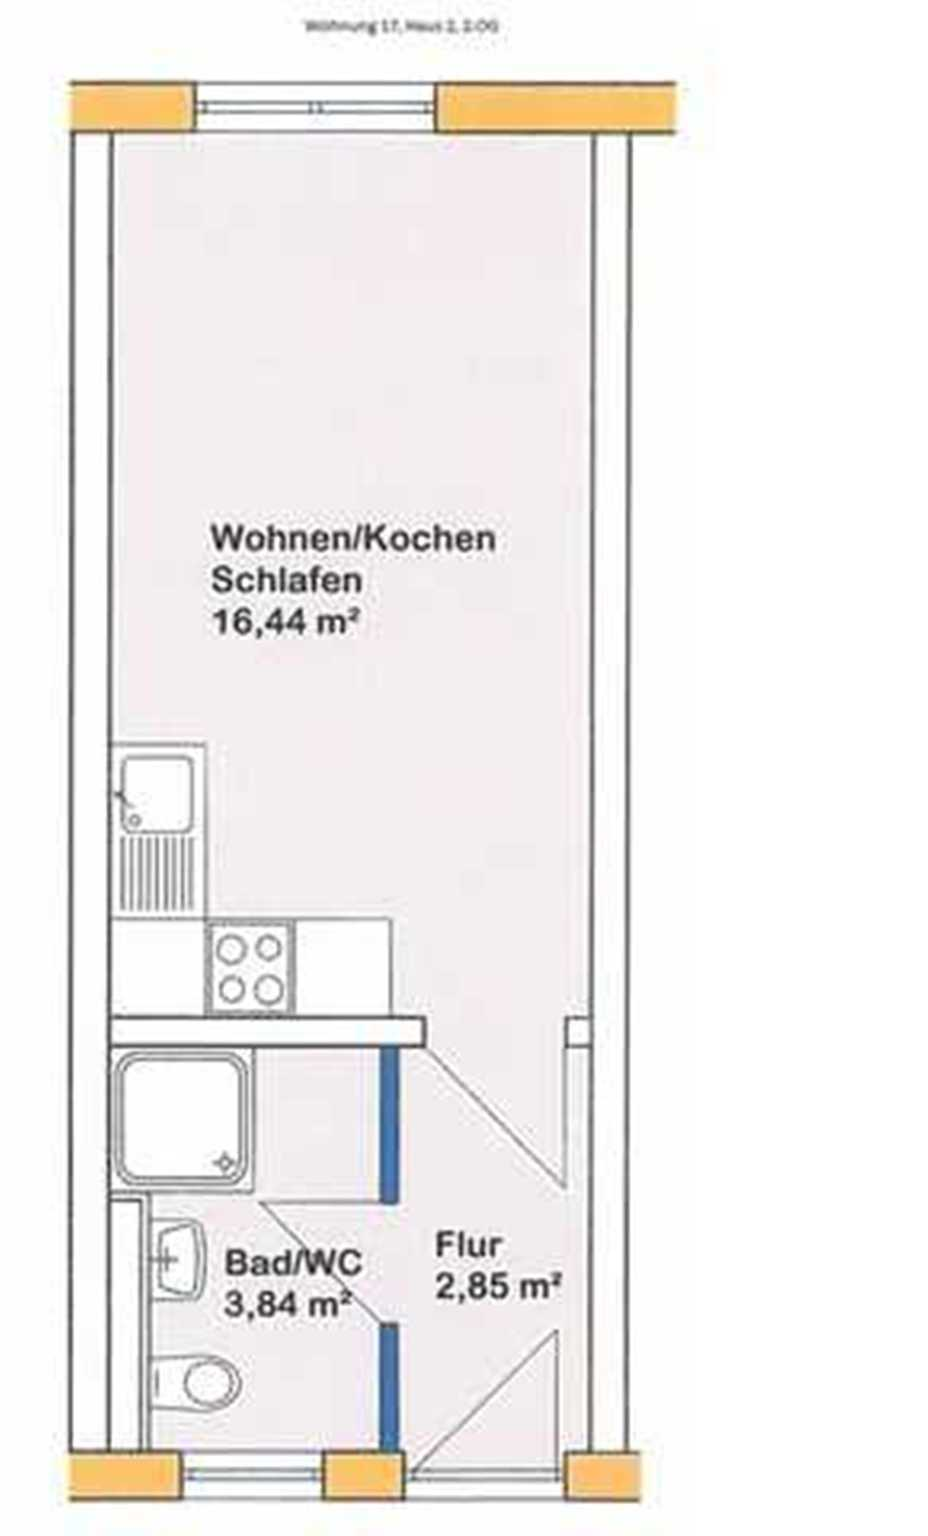 Appartmenthaus TEMA, Wohnung 17 Haus 2